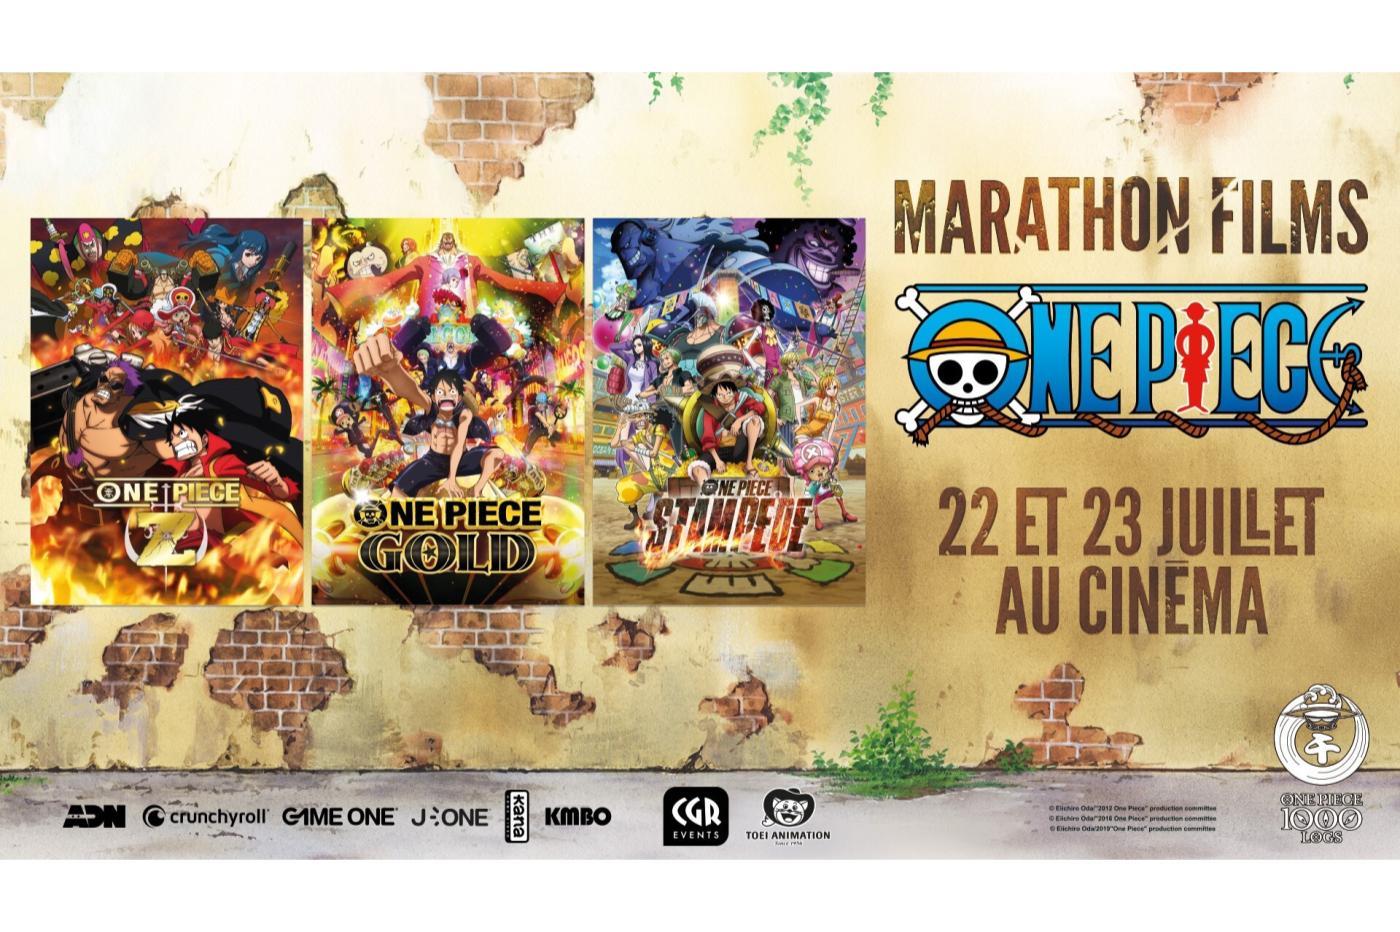 one piece marathon